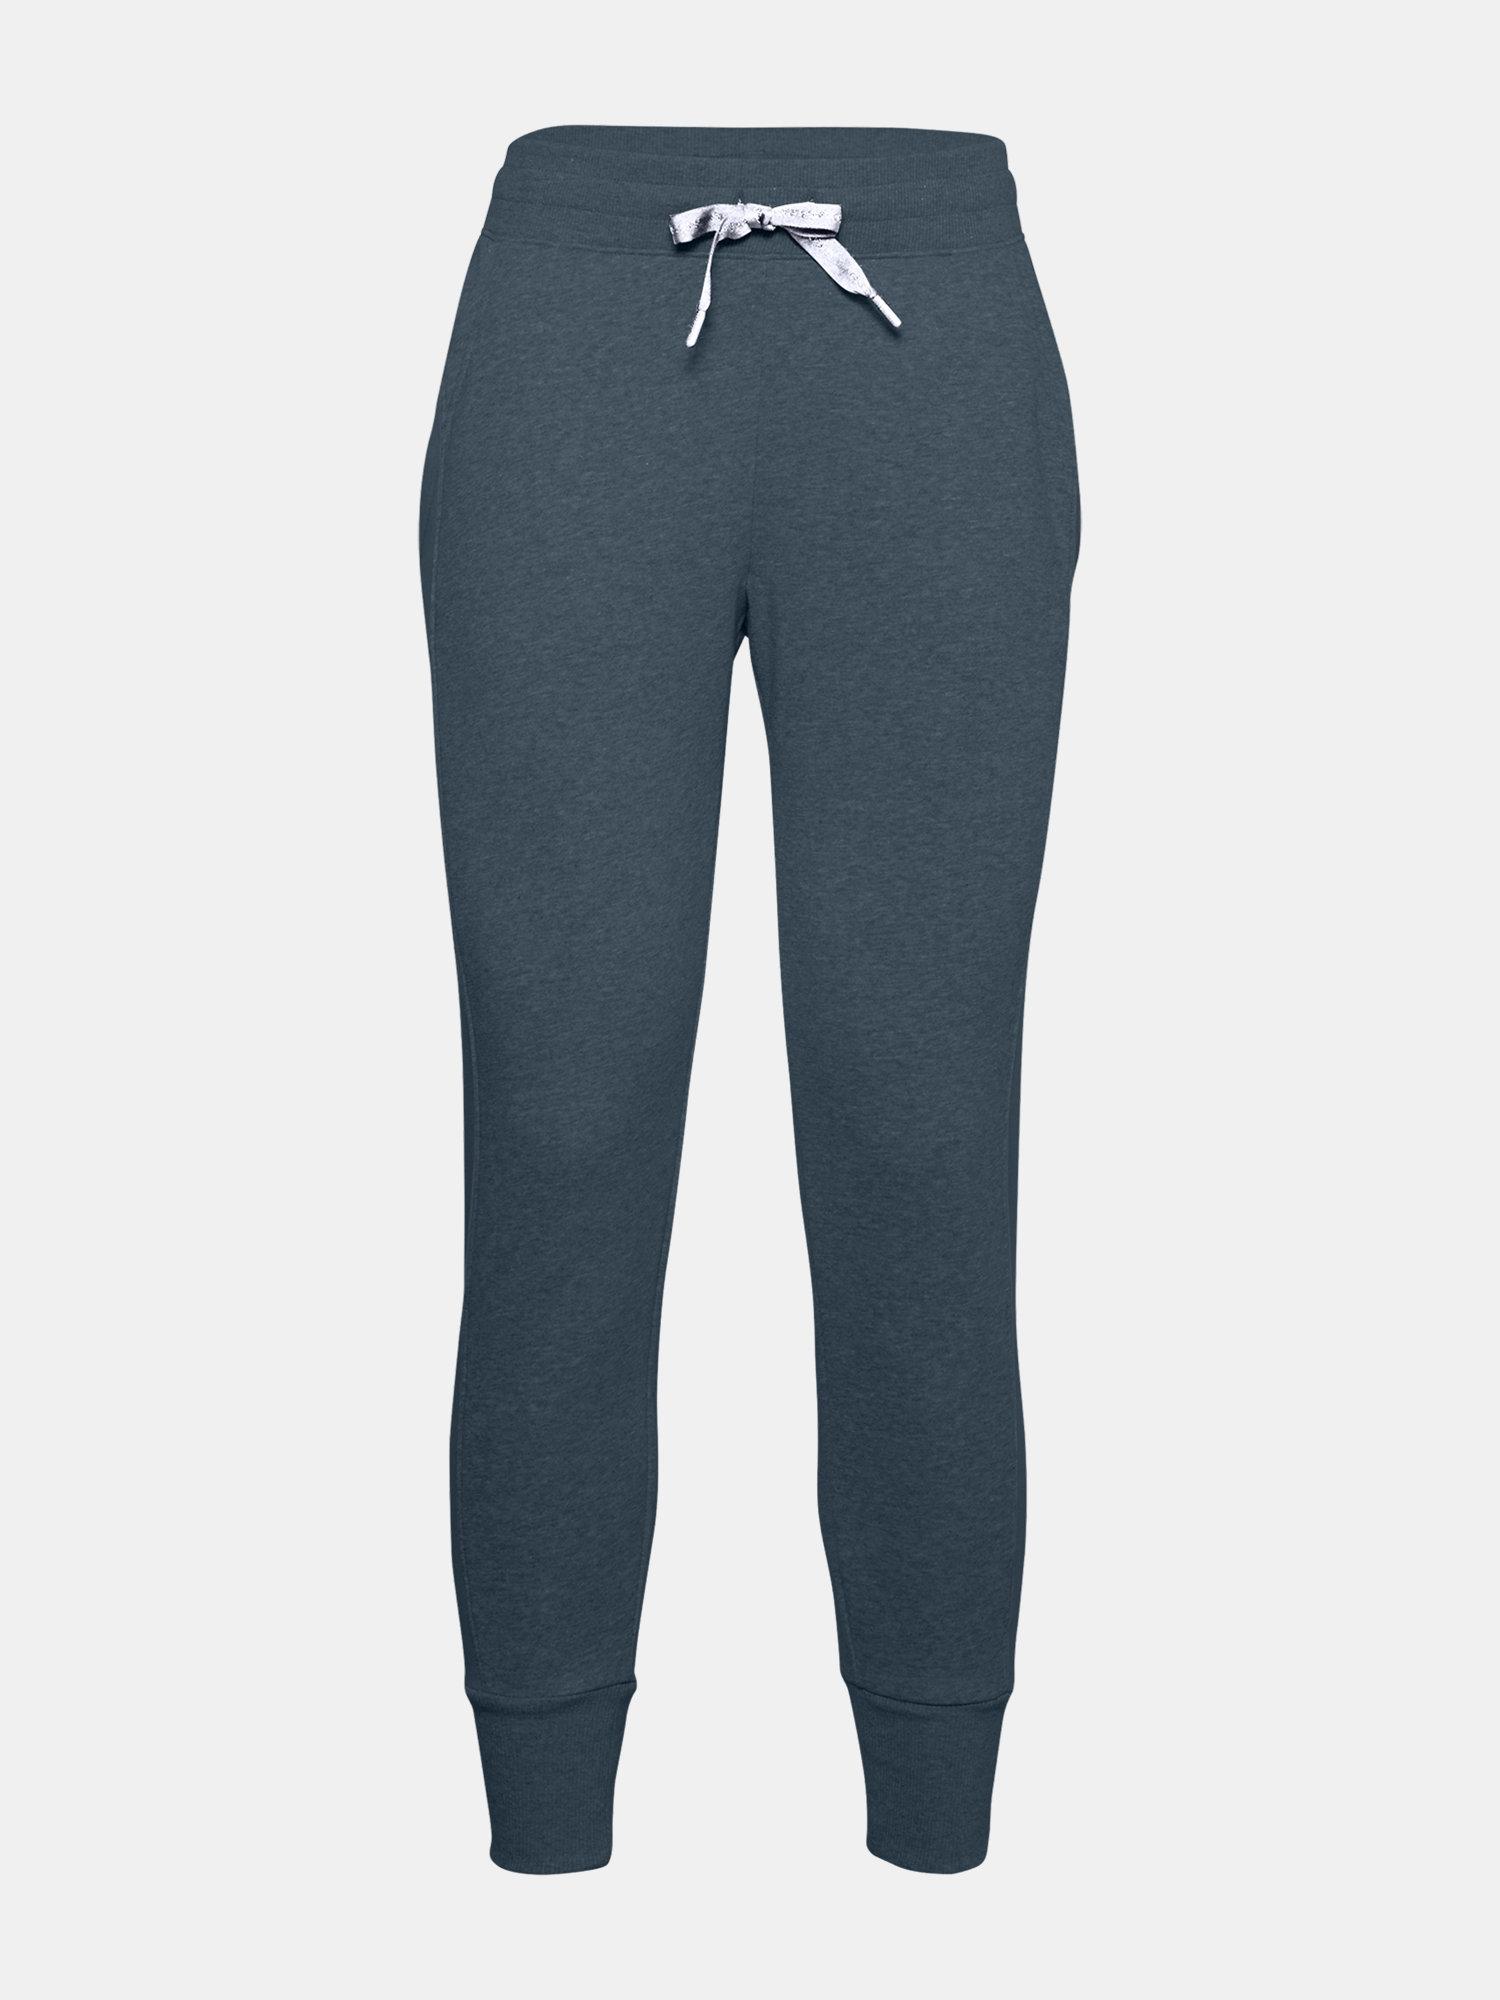 E-shop Modré kalhoty Under Armour UA Rival Fleece EMB Pant